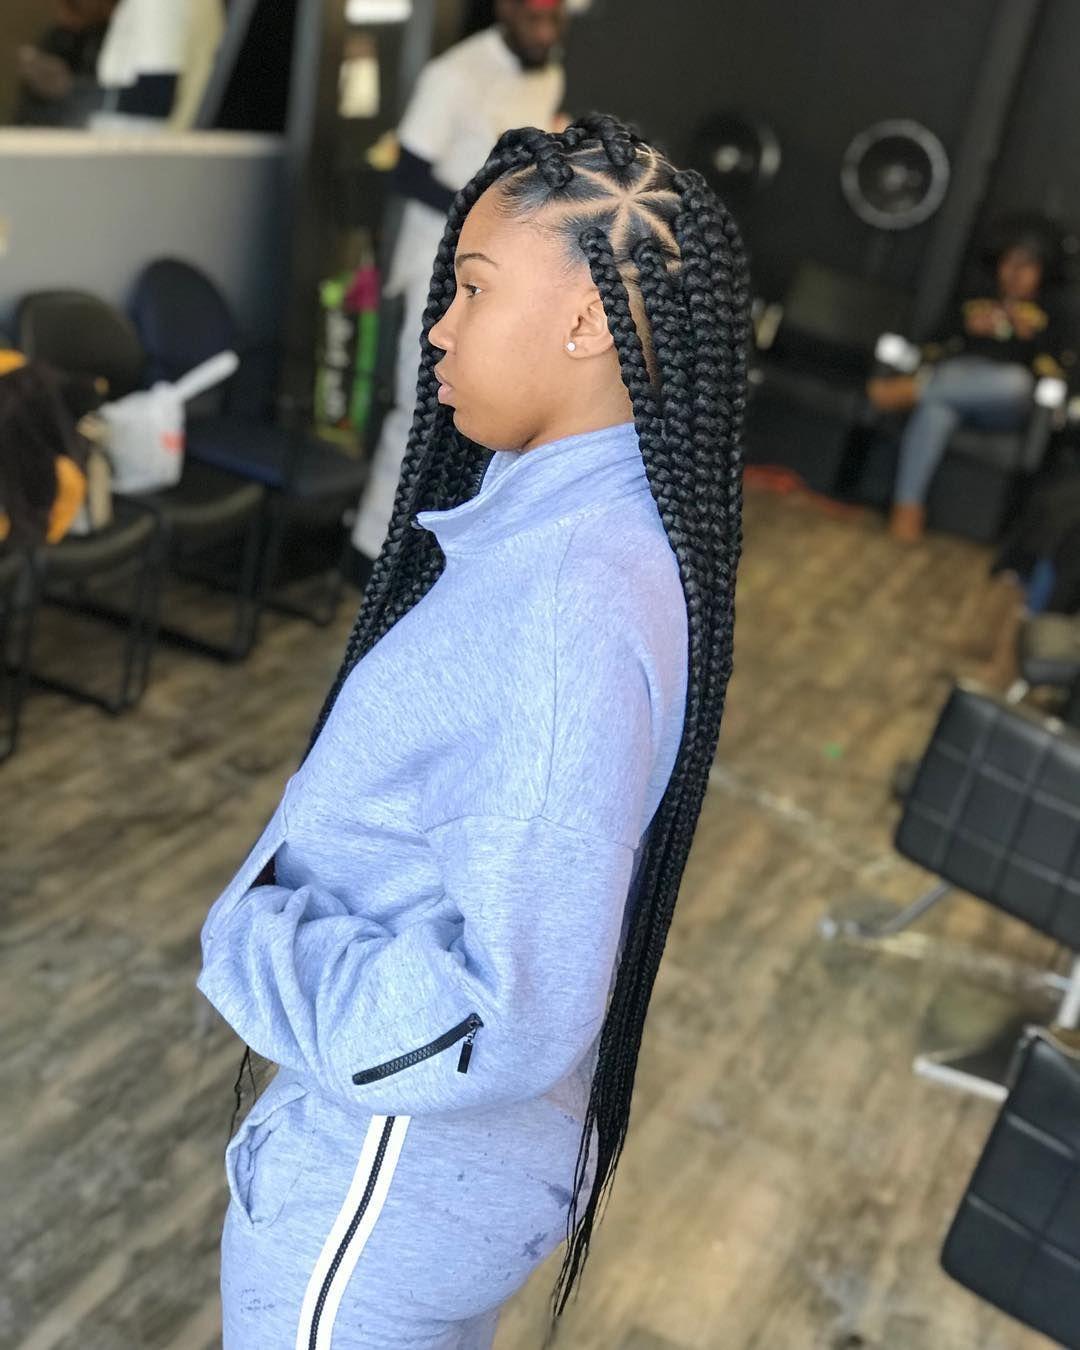 BEST Braided Hairstyles 2021 hairstyleforblackwomen.net 255